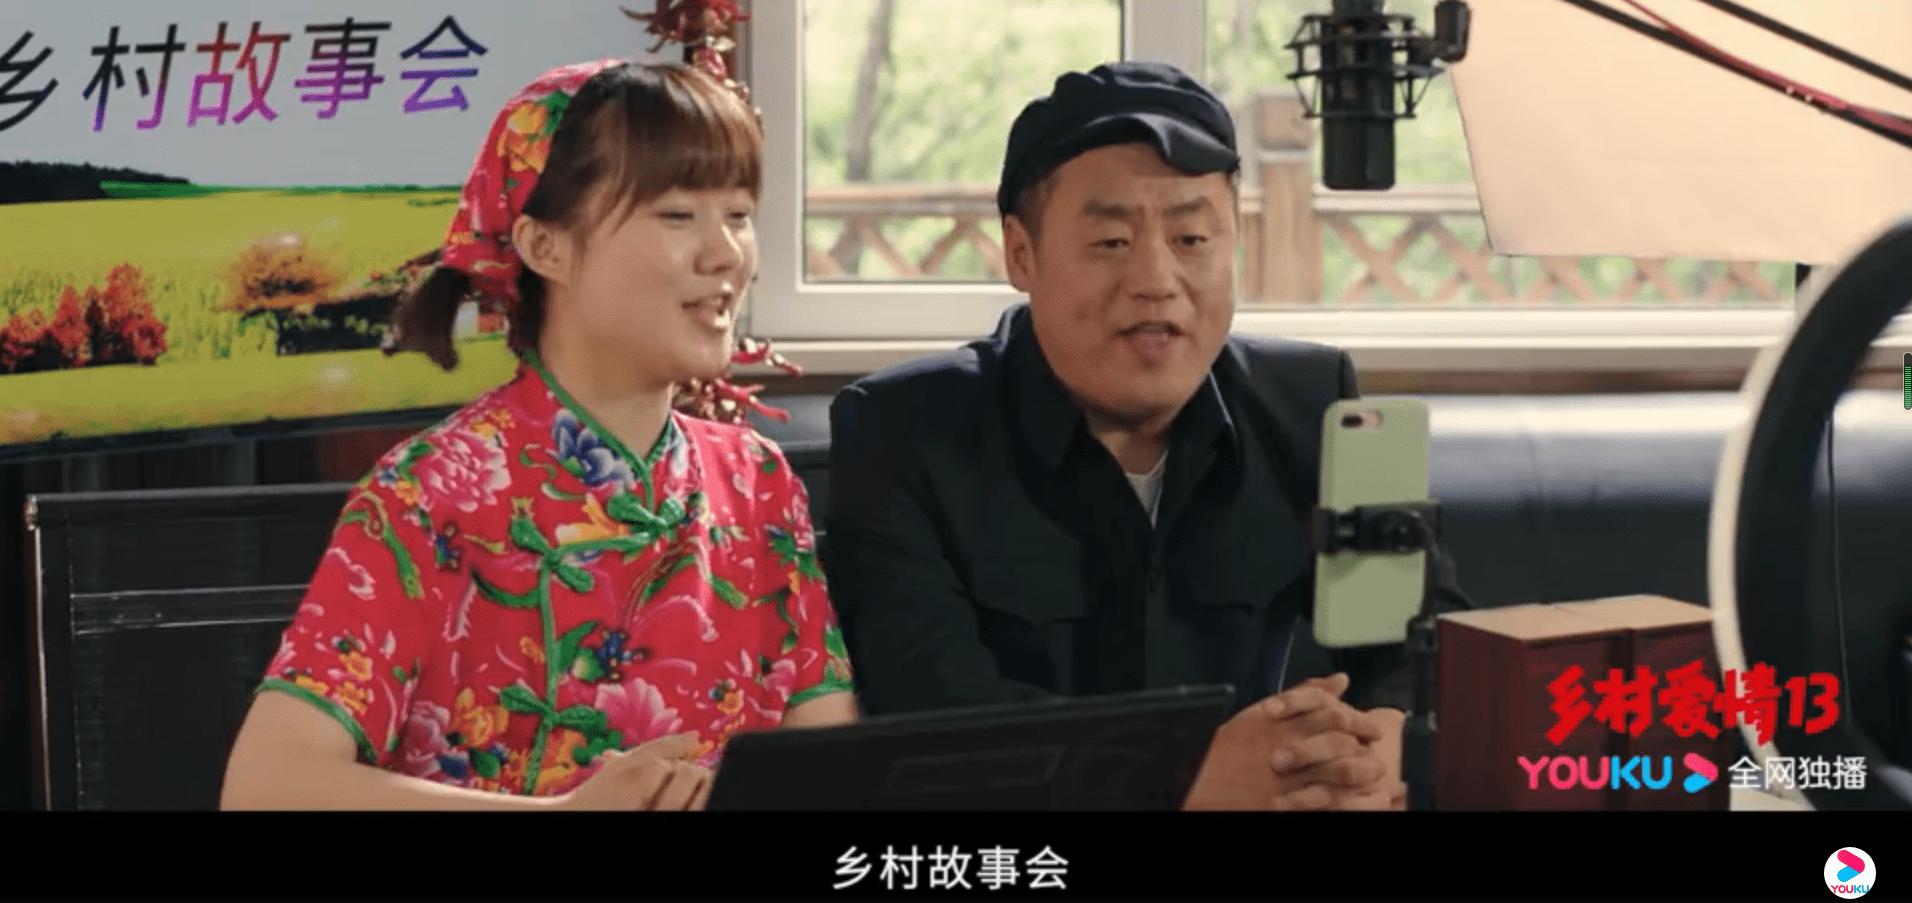 乡村爱情1电视剧 乡村爱情第二部完整版